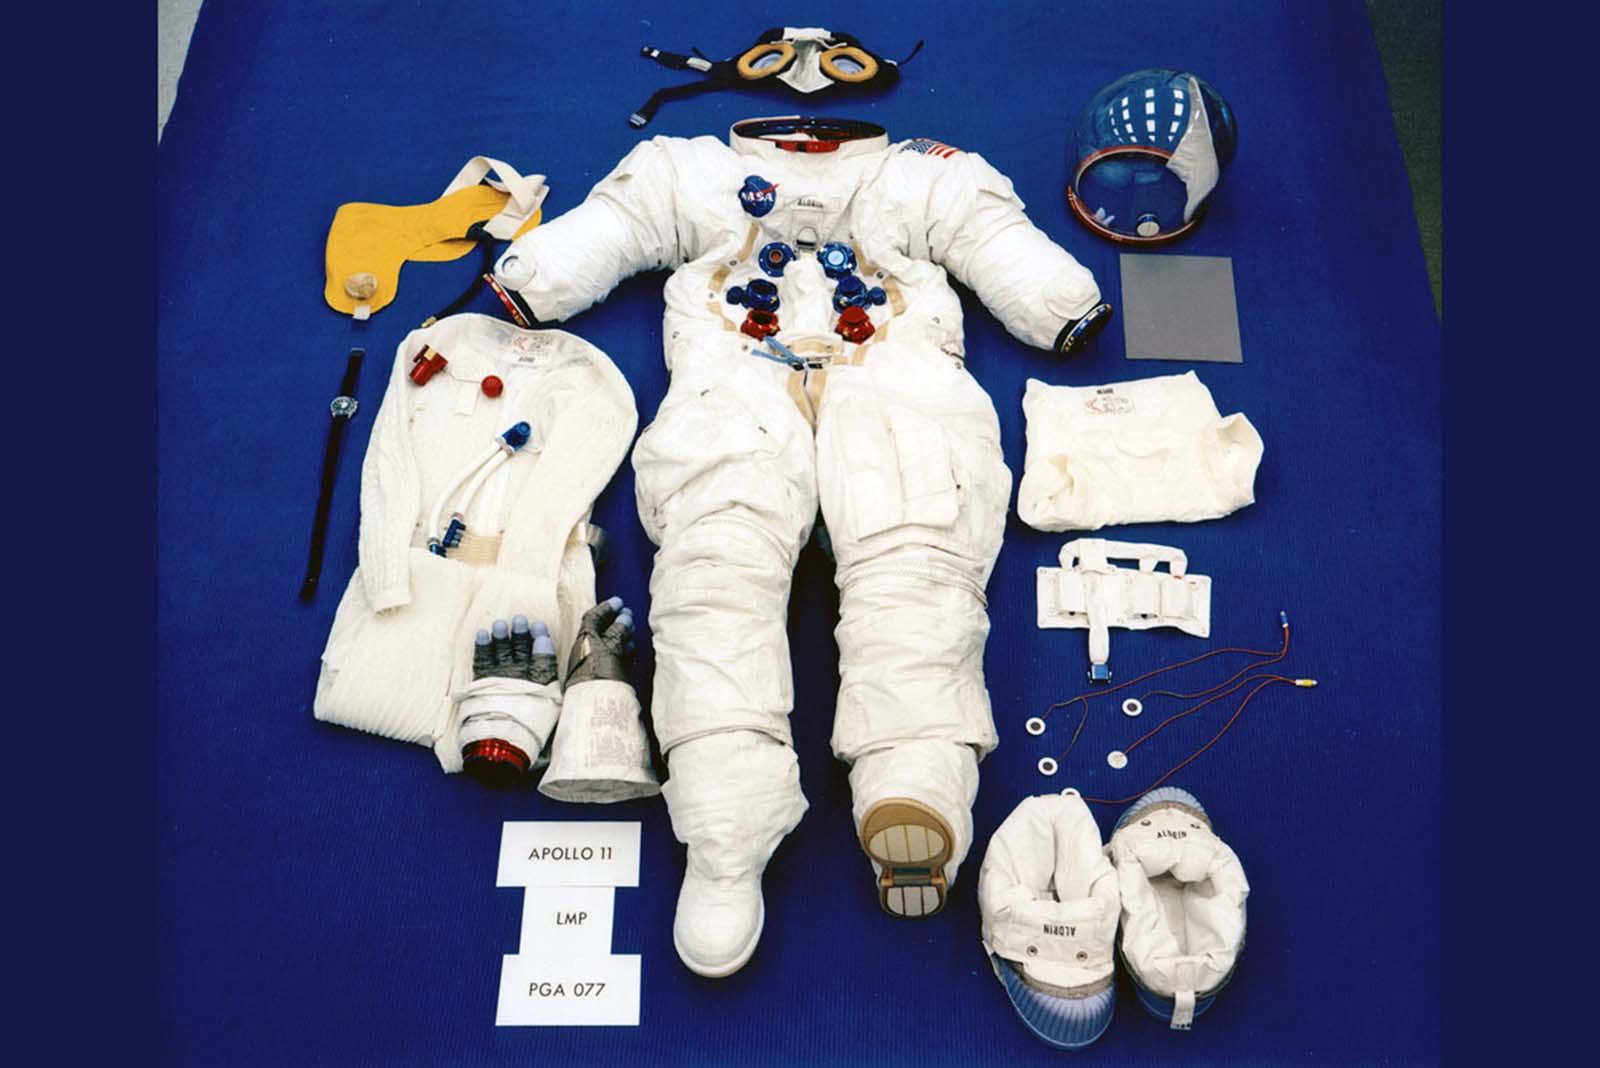 Uma foto de comprovação mostra o traje de Buzz Aldrin exposto em sua configuração de superfície lunar.